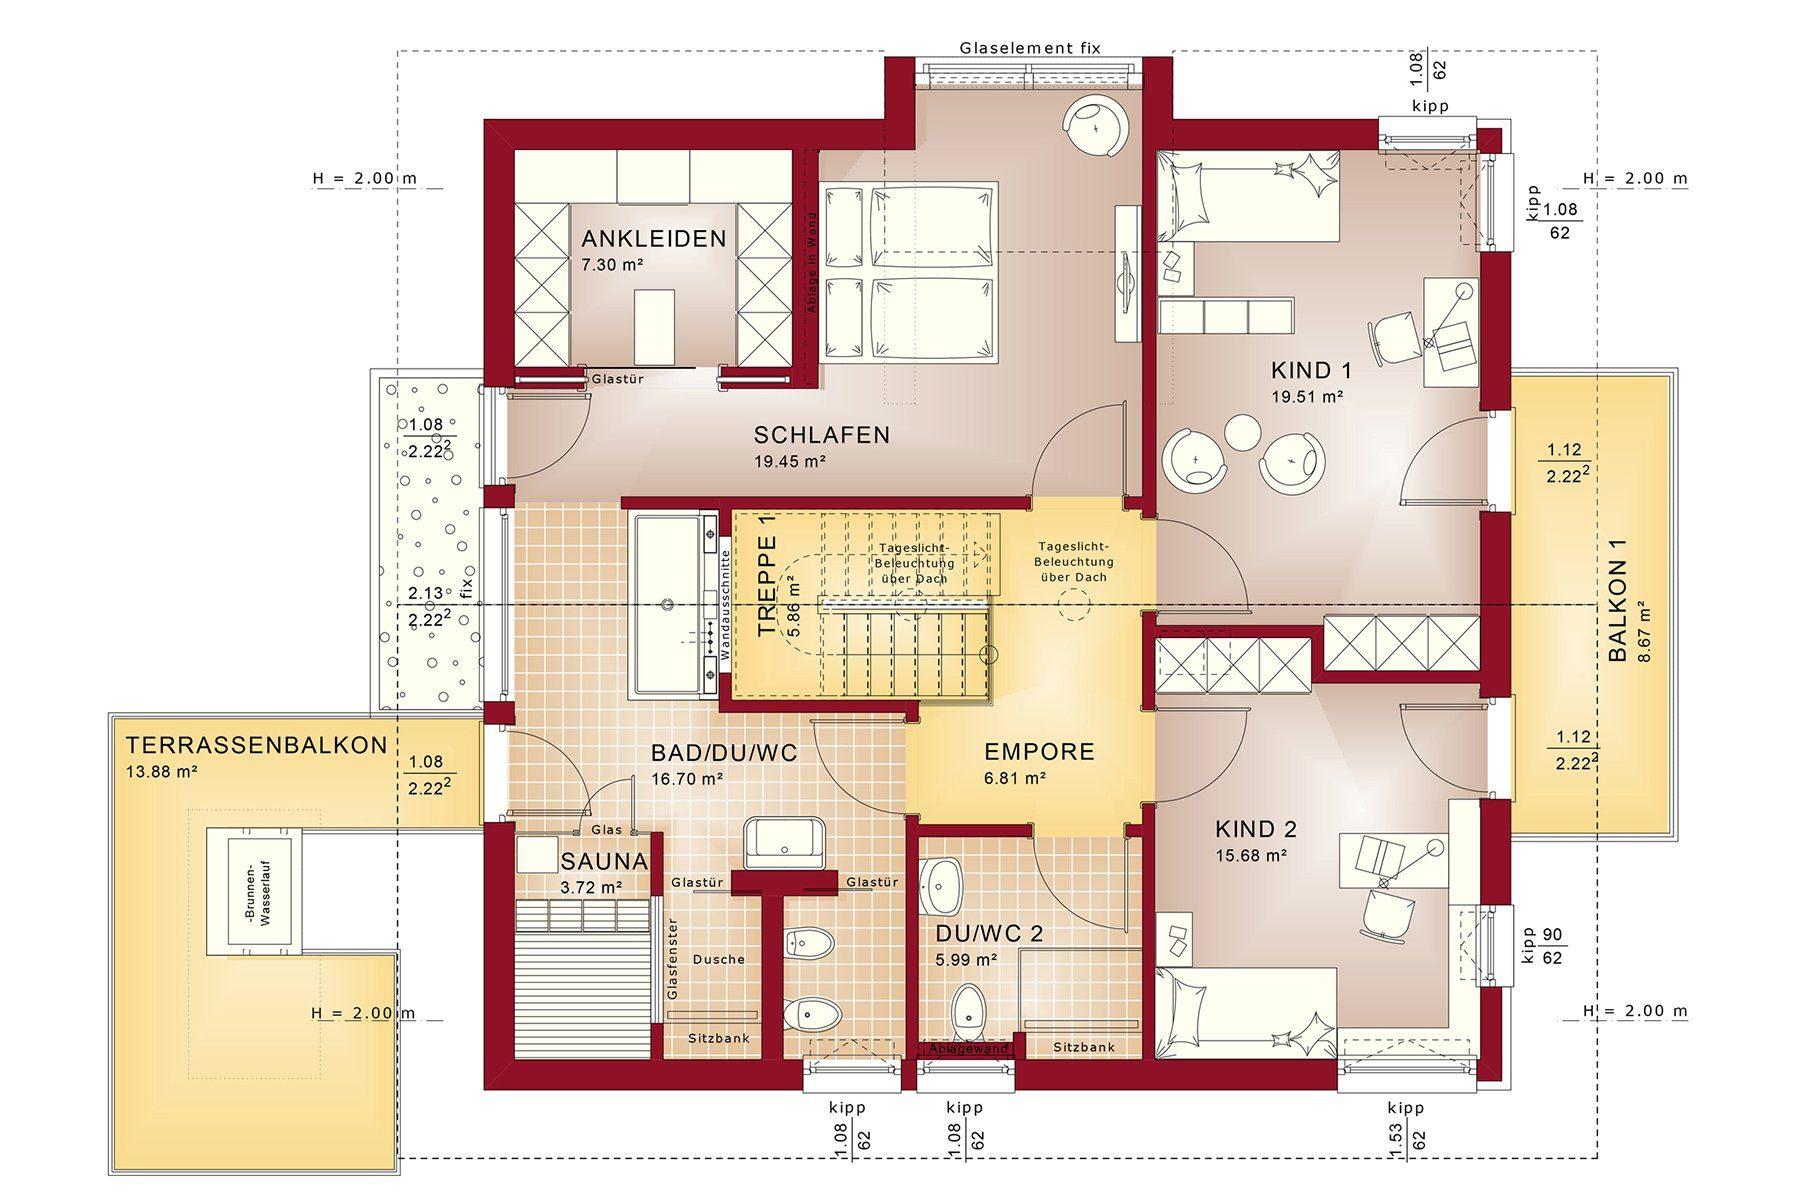 CONCEPT-M 163 München - Gebäudeplan